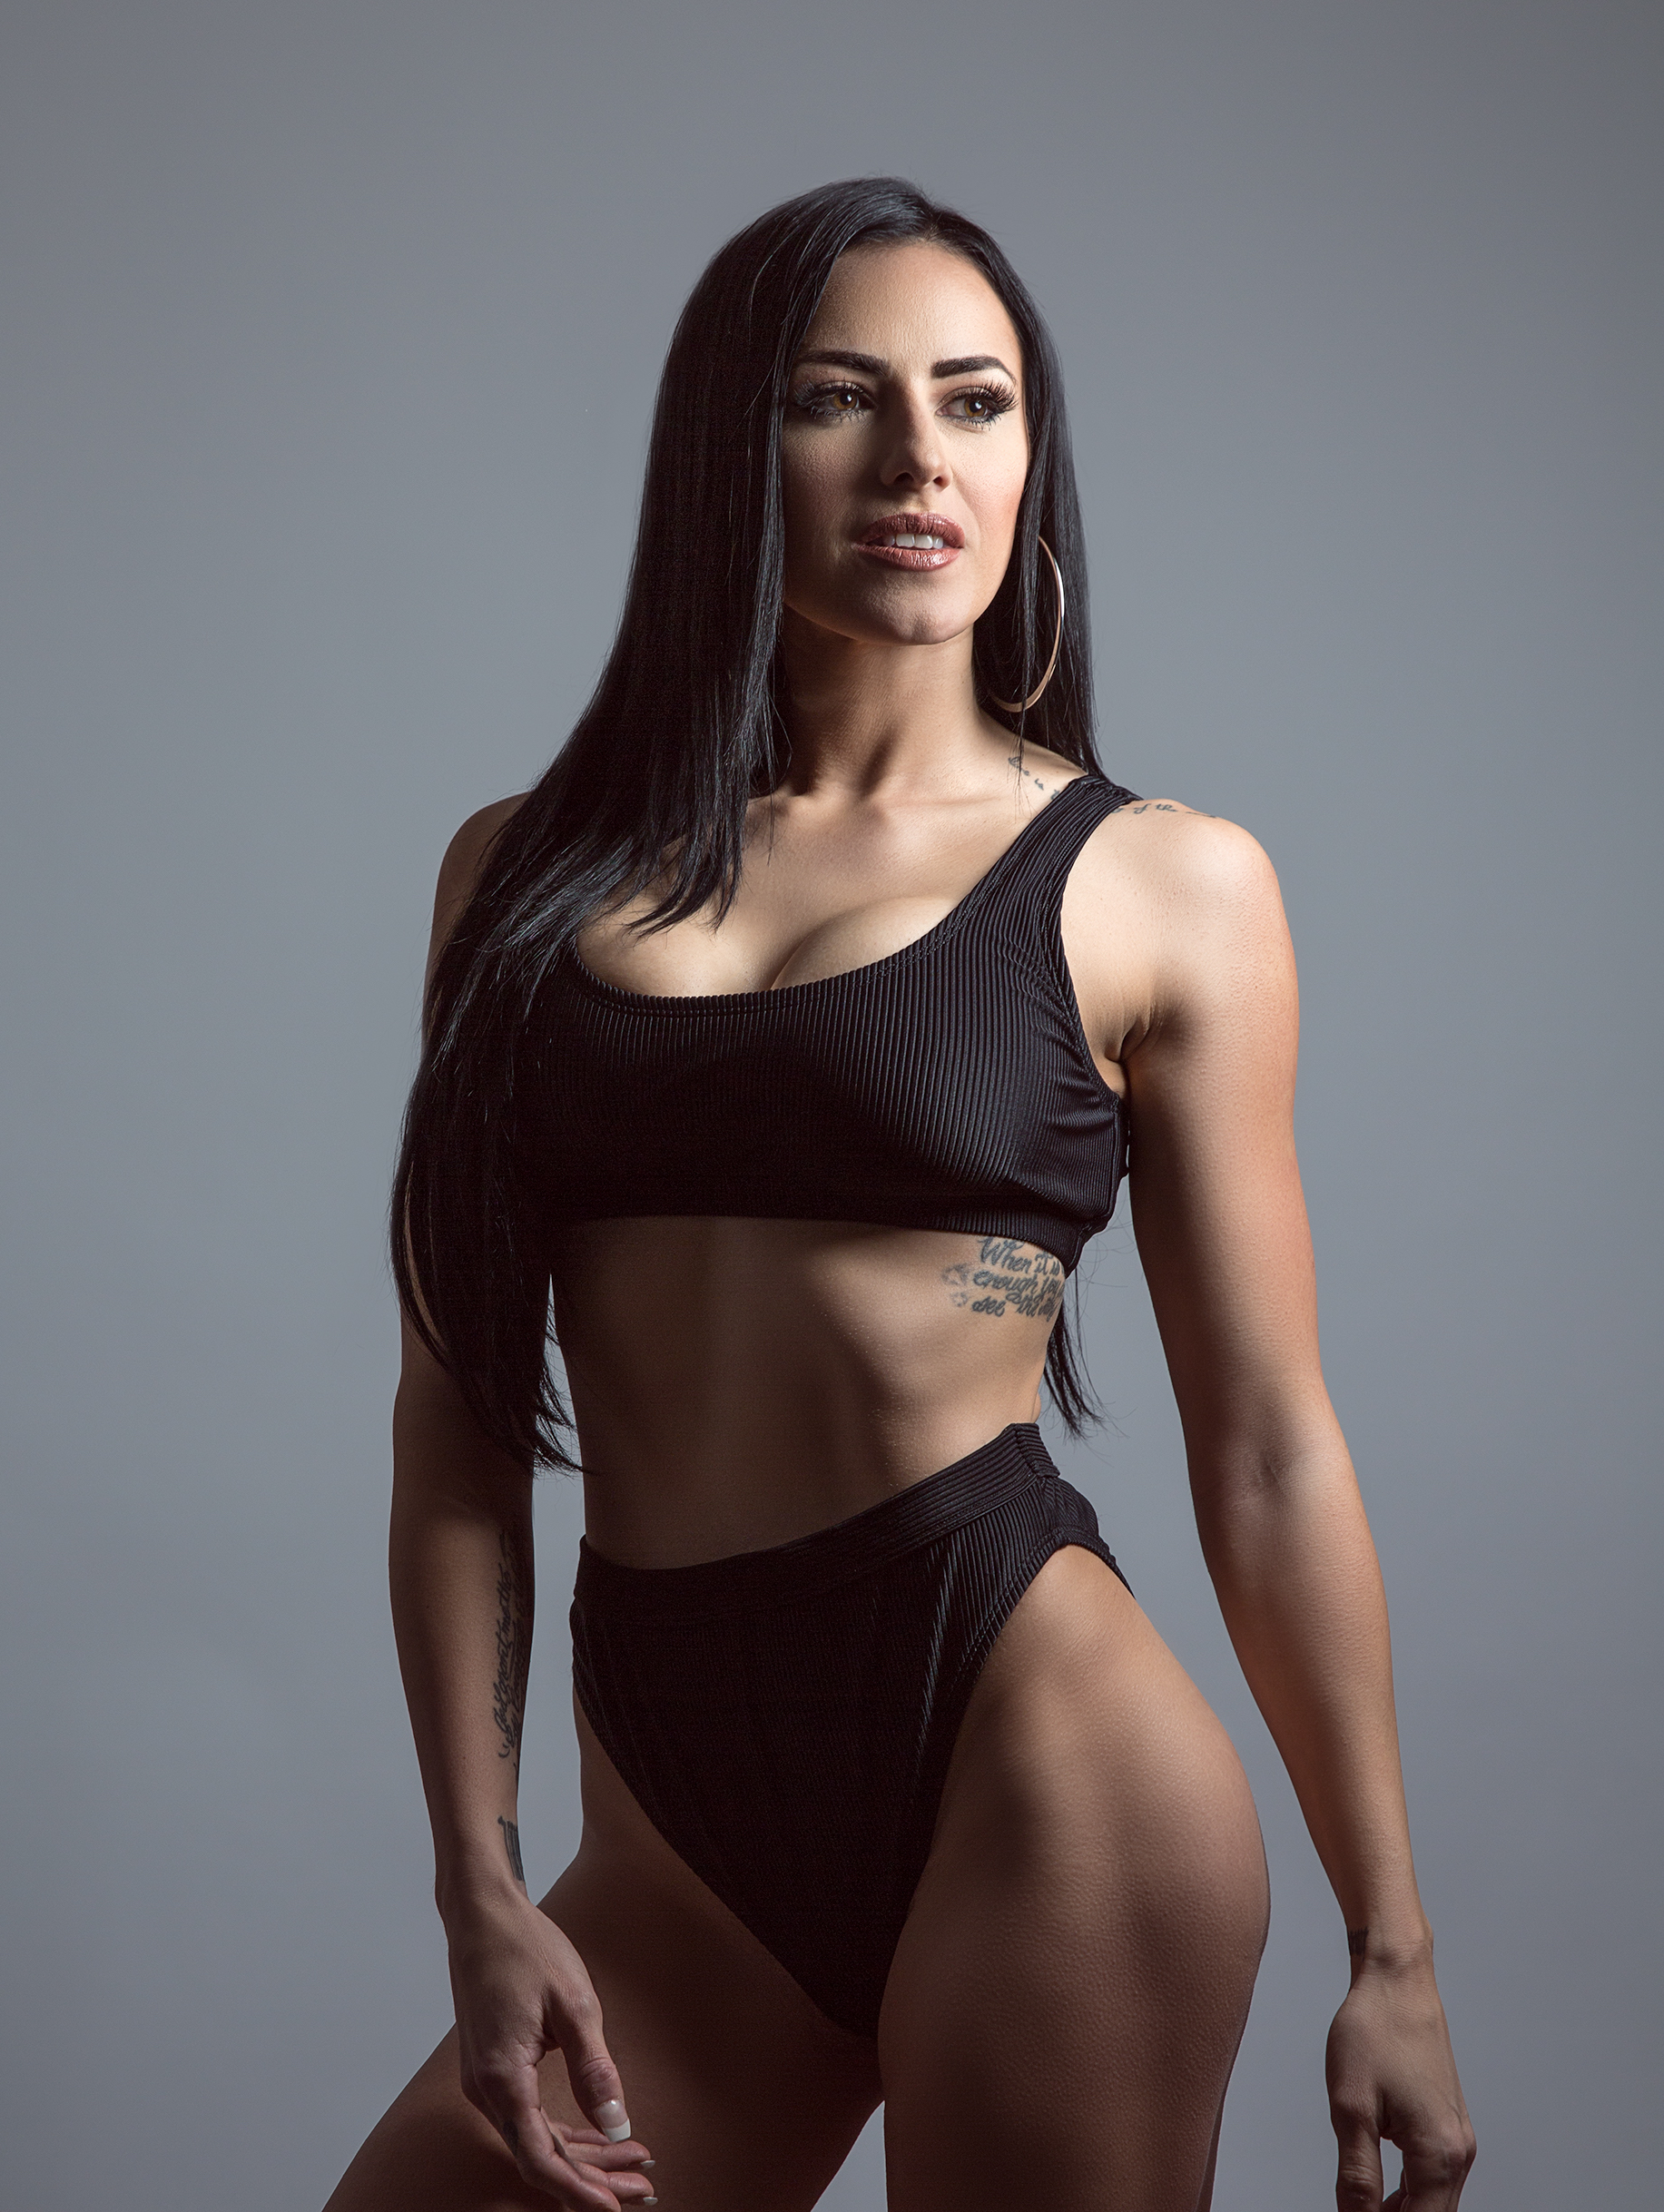 Brittany Shelton